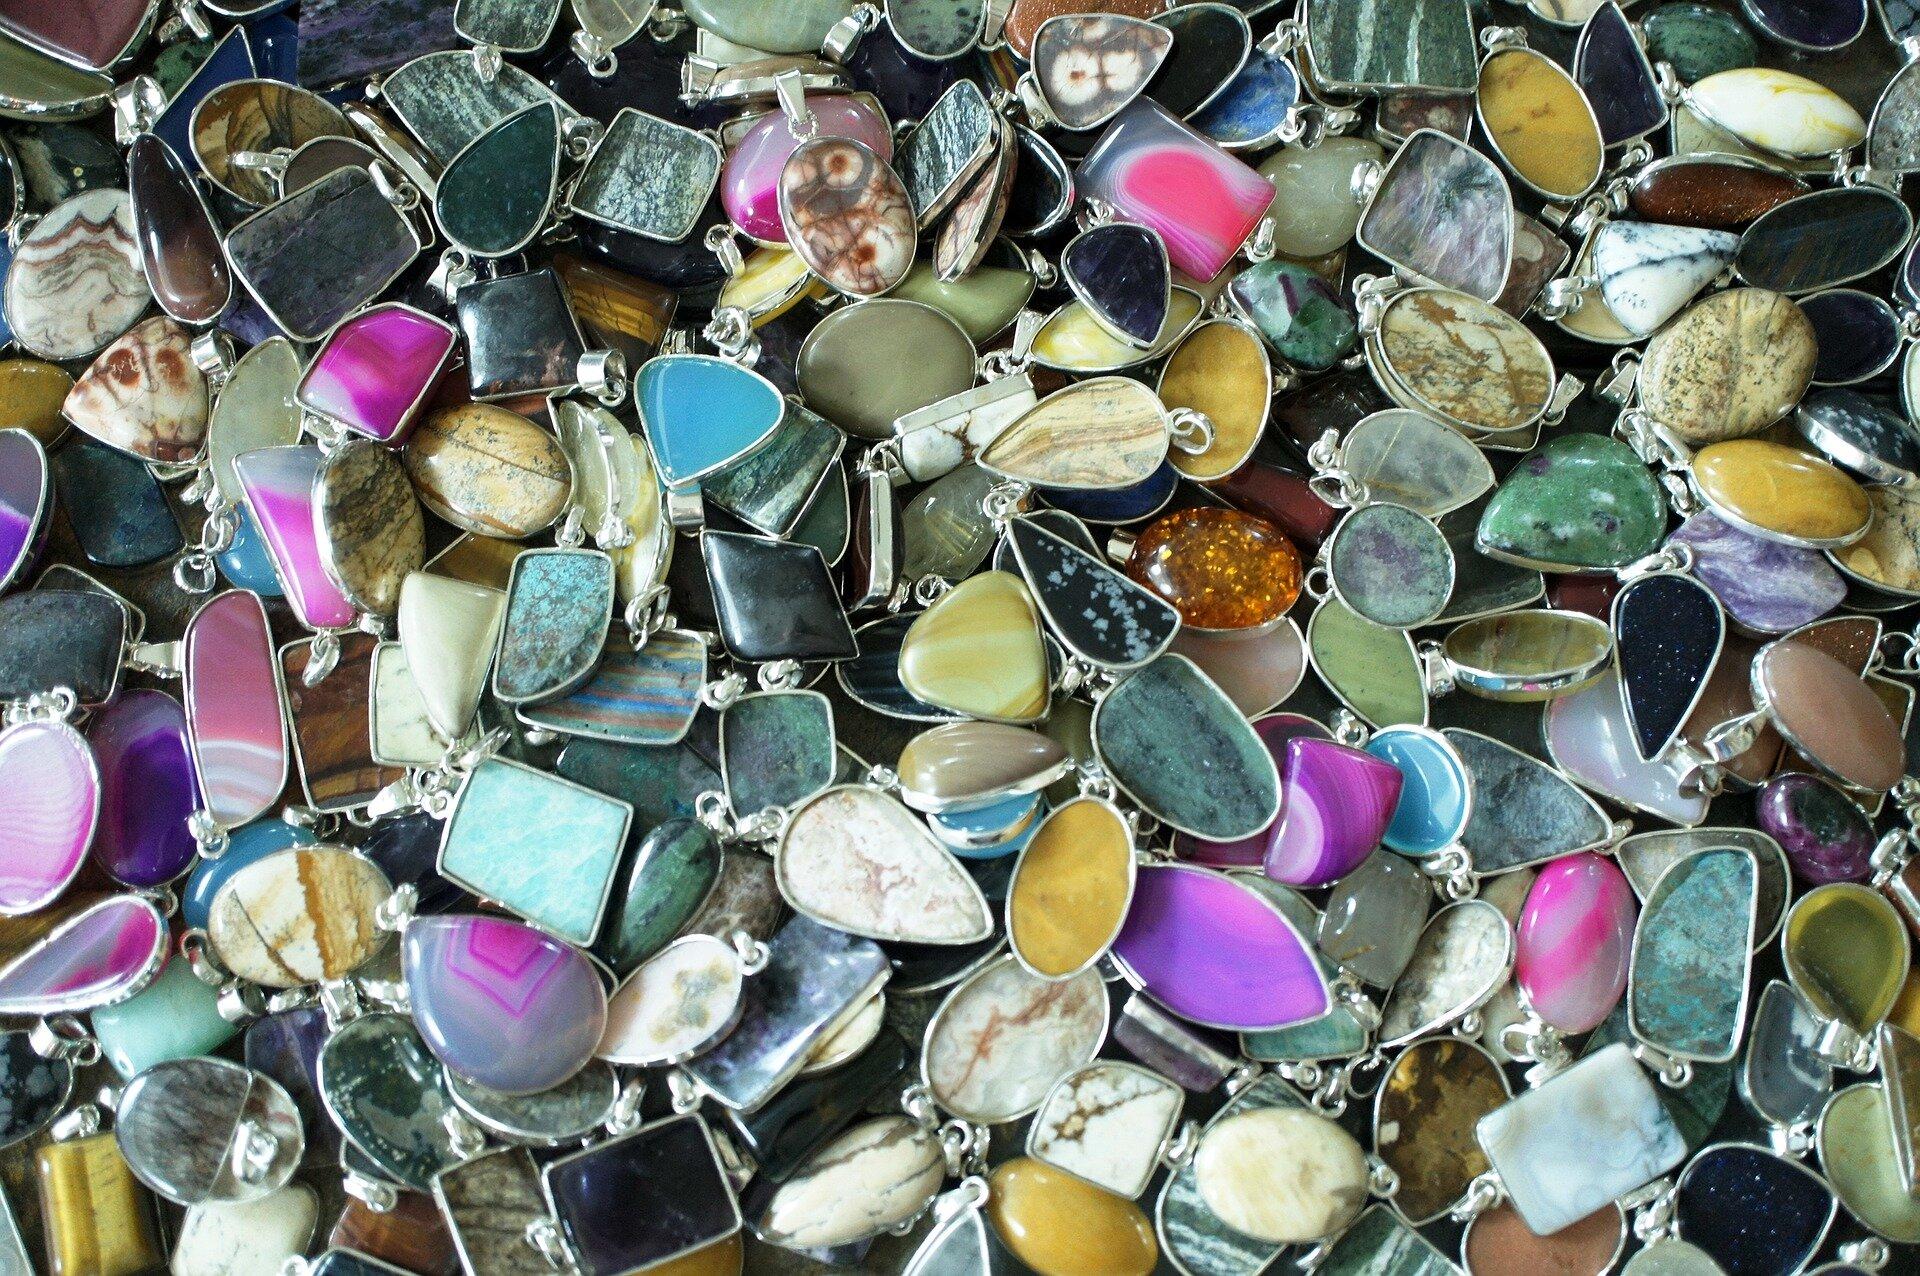 Biżuteria zkamieniami półszlachetnymi Biżuteria zkamieniami półszlachetnymi Źródło: www.pixabay.com, fotografia barwna, domena publiczna.